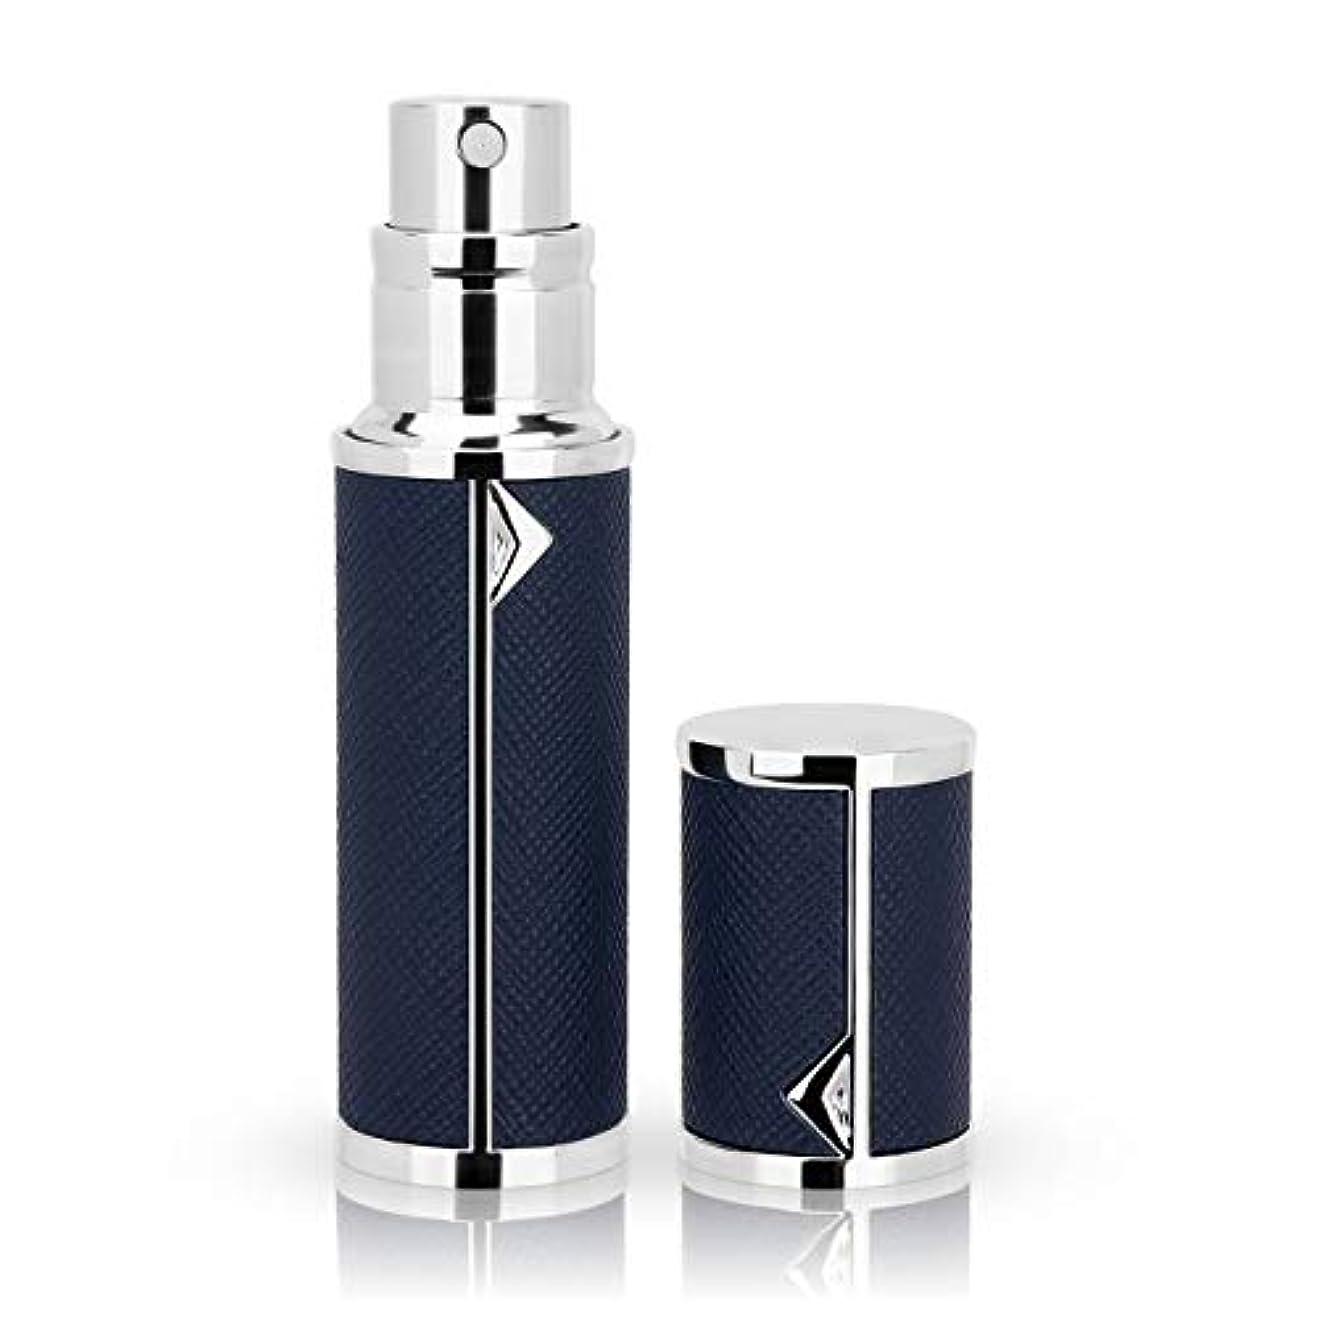 アイデアフラグラント住人アトマイザー 香水アトマイザー 詰め替え Louischanzl 香水噴霧器 2-2.5mm径 5ml PUレザー レディース メンズ (紺色DarkBlue)